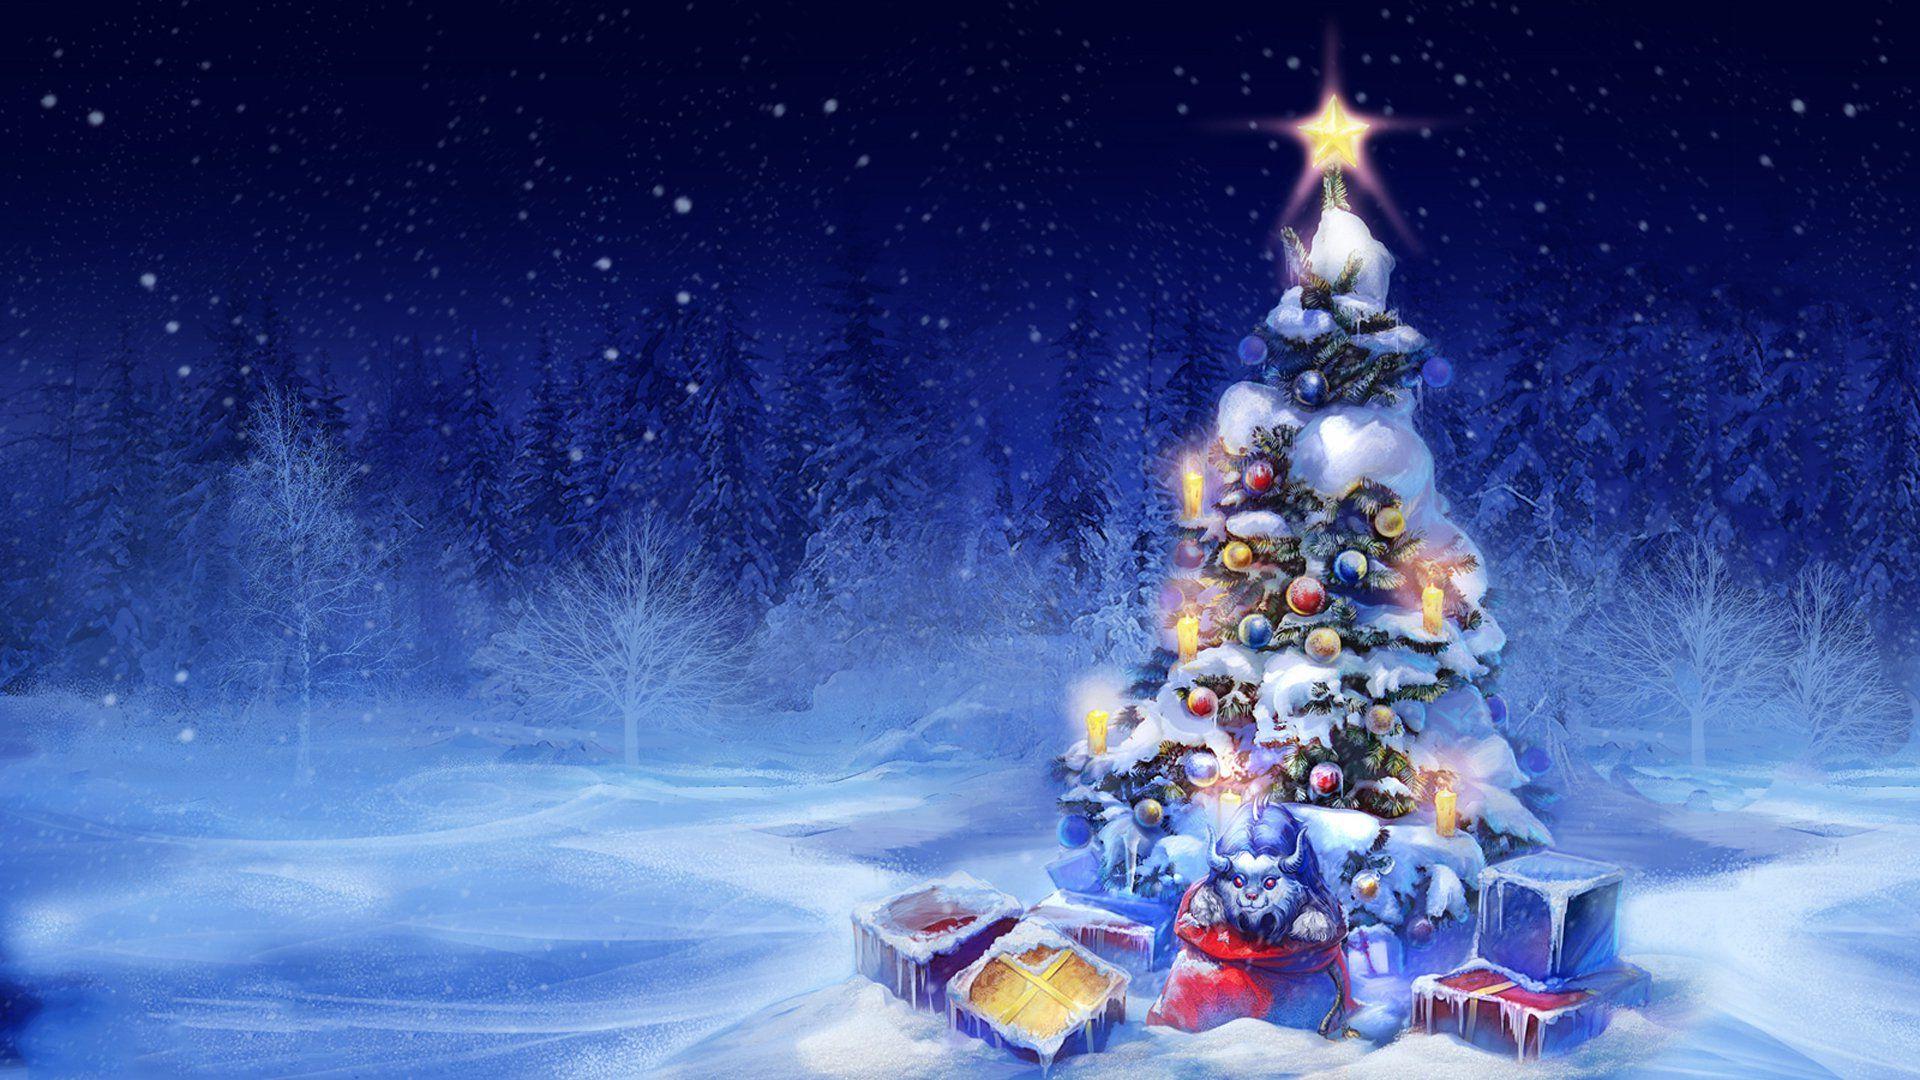 новогодние темы обои на рабочий стол № 579589 бесплатно